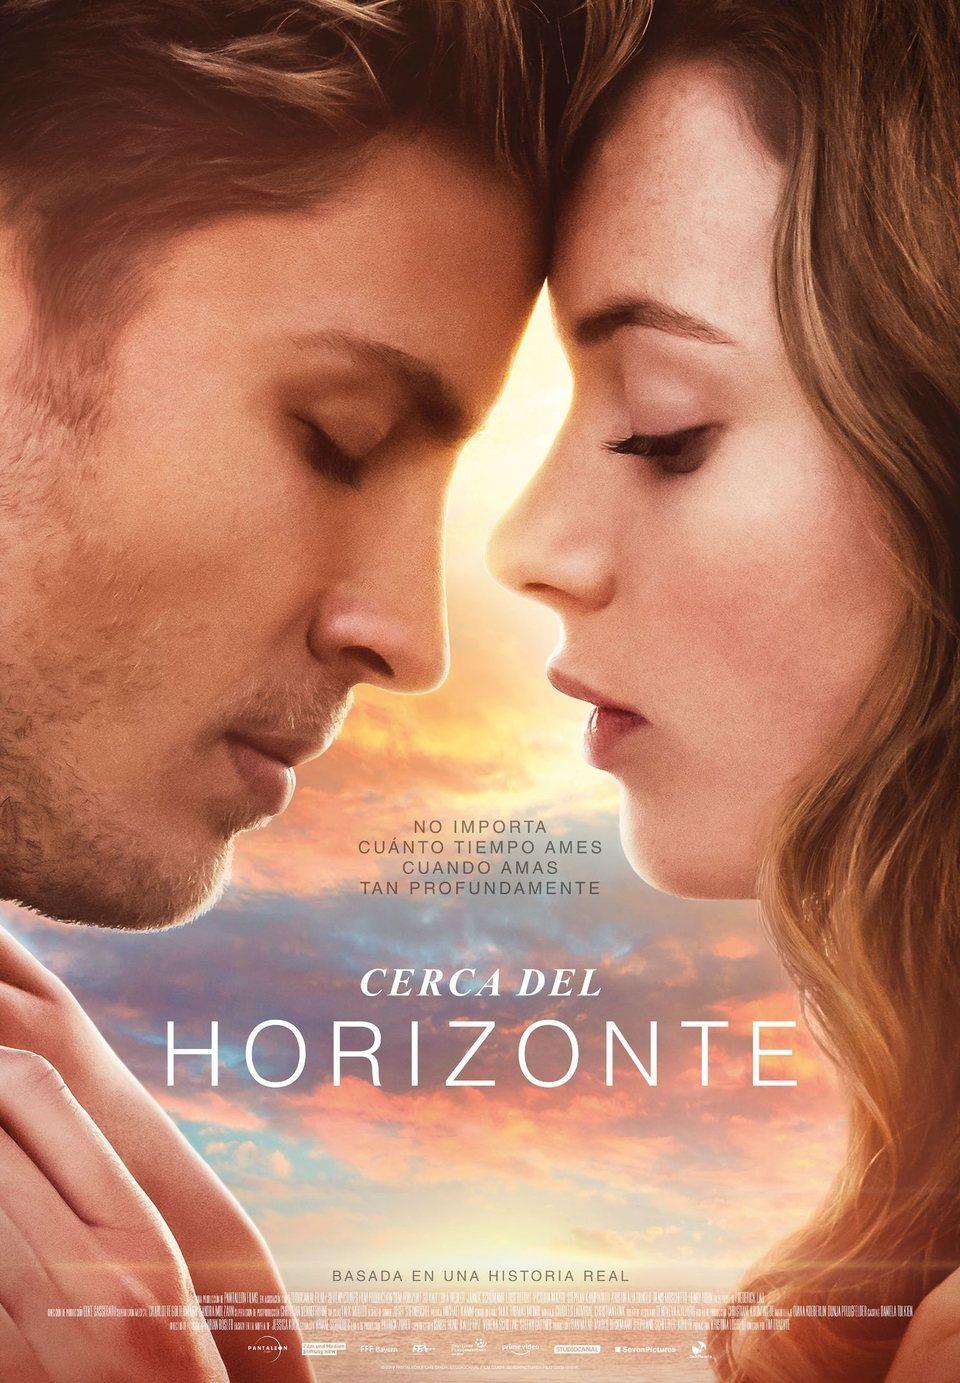 España poster for Close to the Horizon